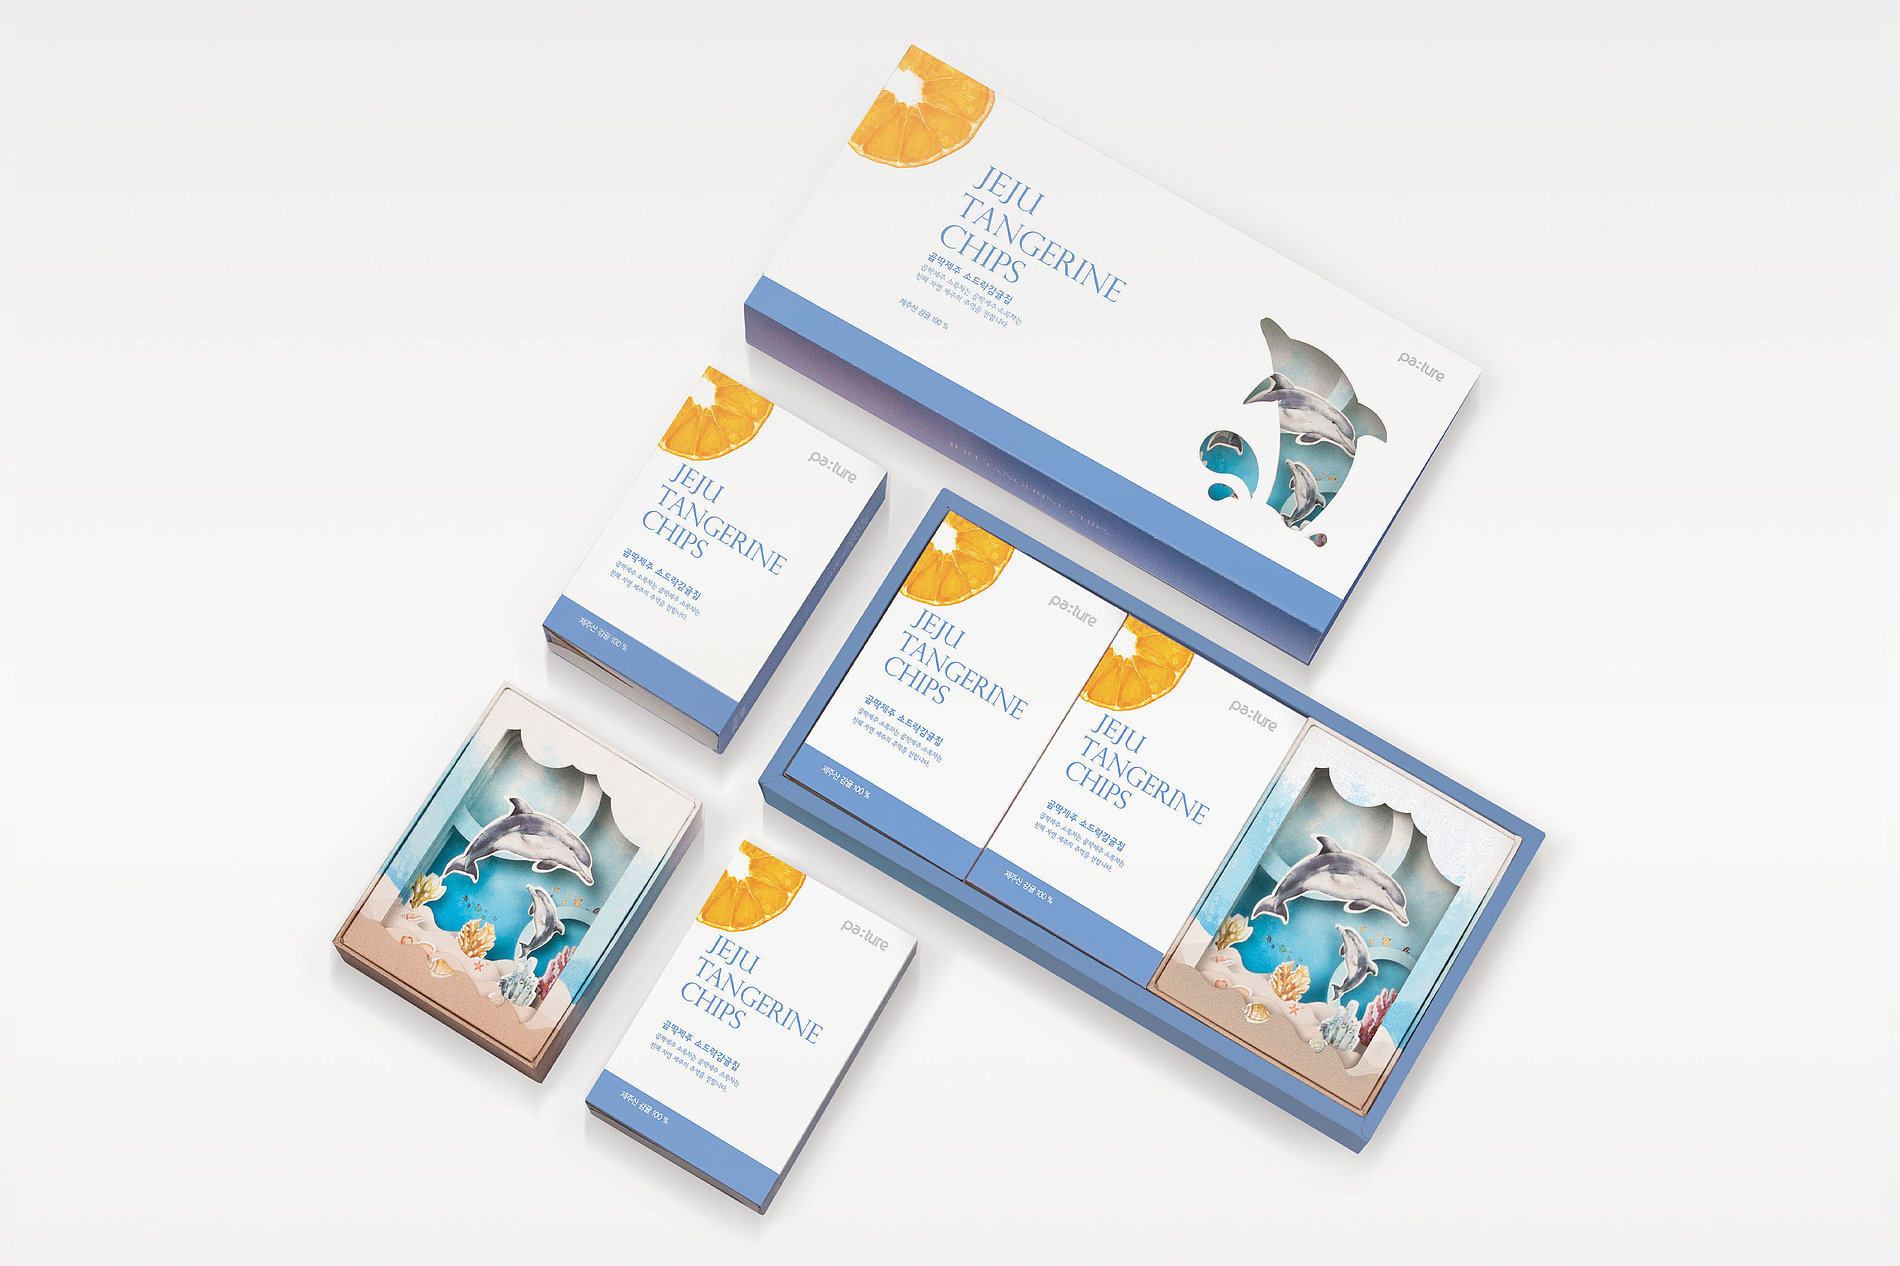 Packaging Platform Using 3D Picture Frame - Jeju Tangerine Chips | Red Dot Design Award